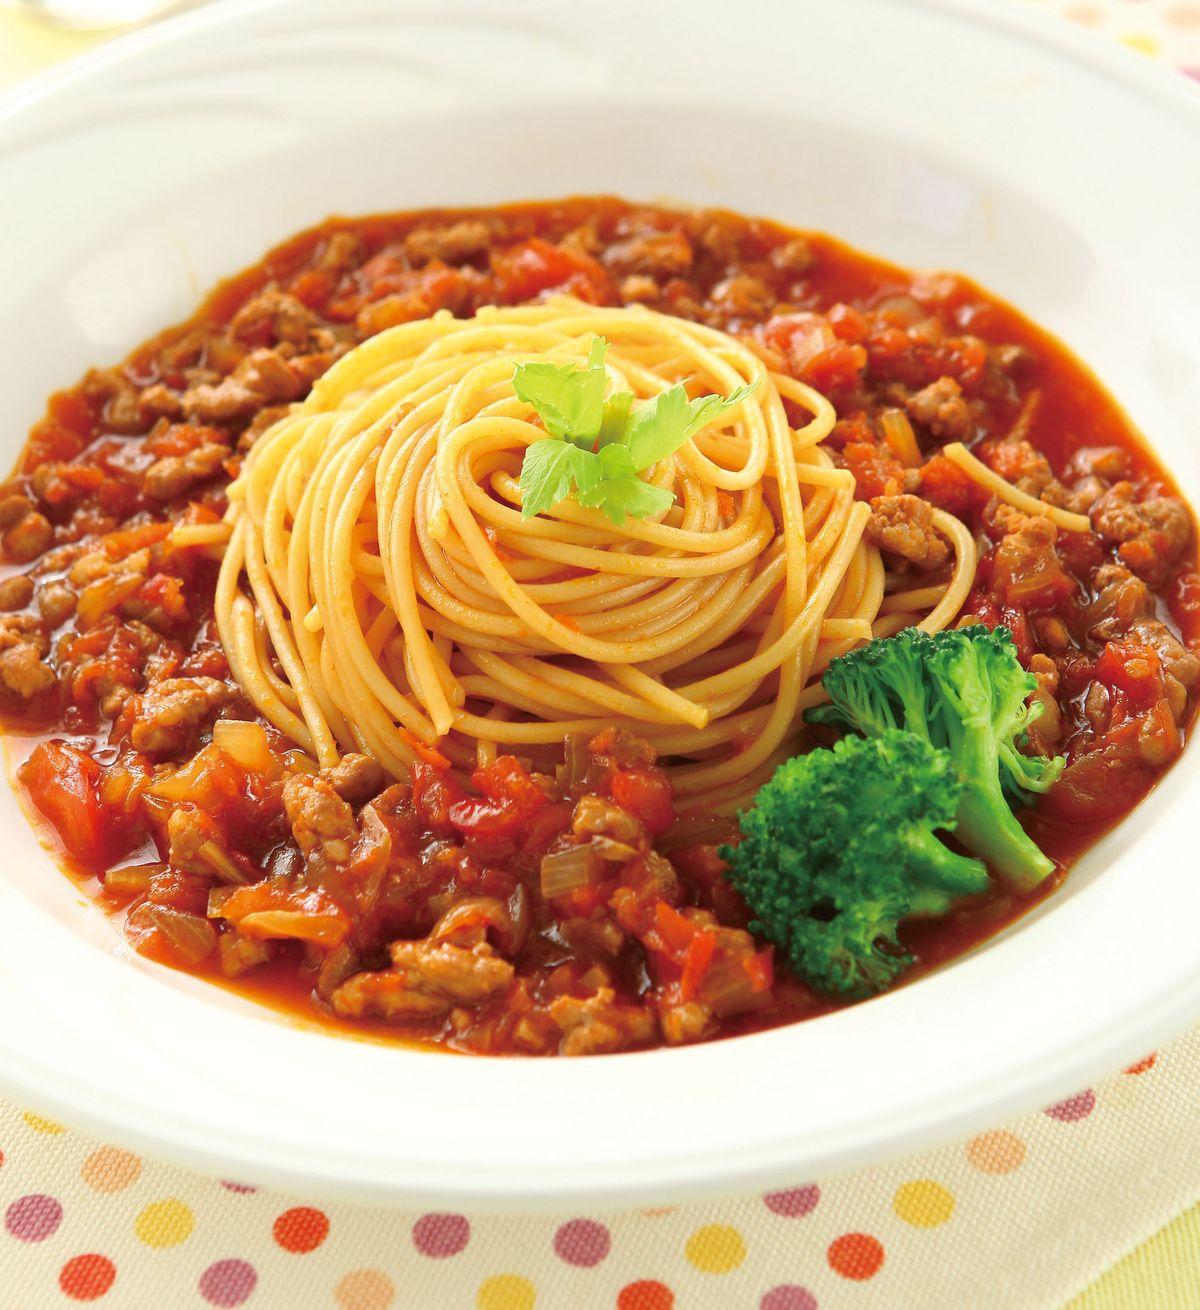 食譜:蘿蔔肉醬義大利麵